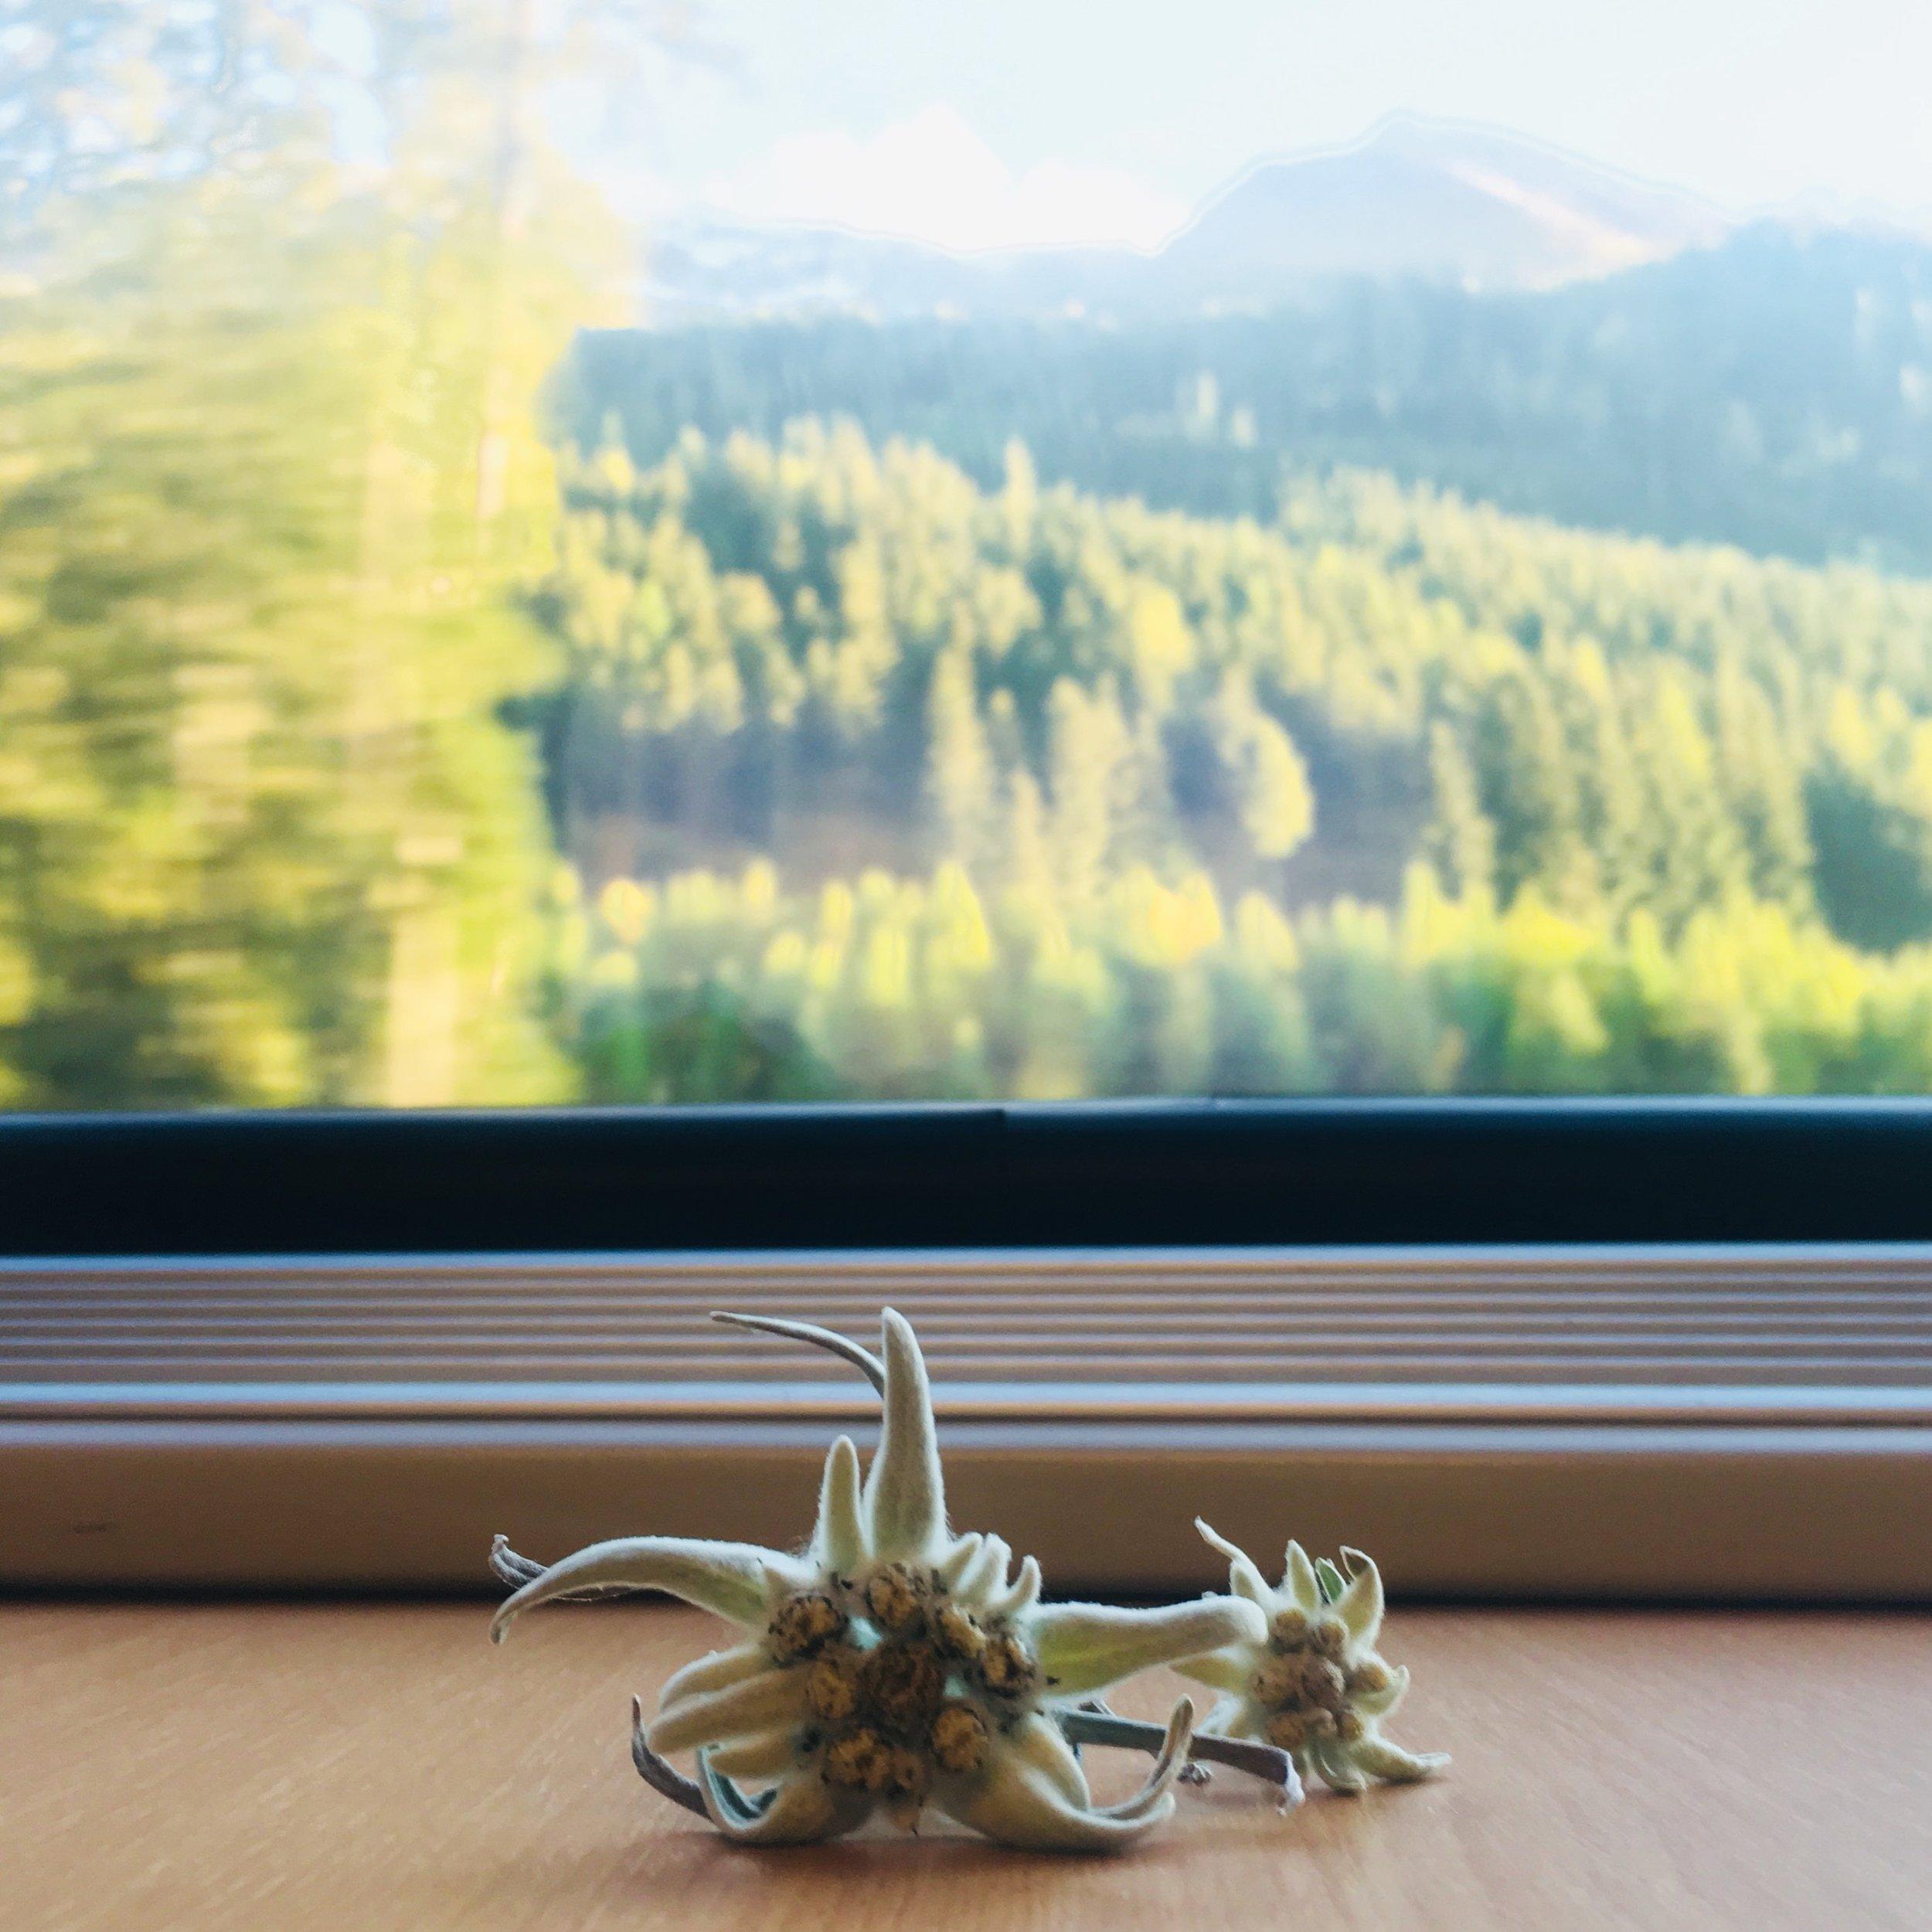 Bewegtes Edelweiss - Zwischen Ikea, Aqua Alta und der Kultivierung auf Plantagen